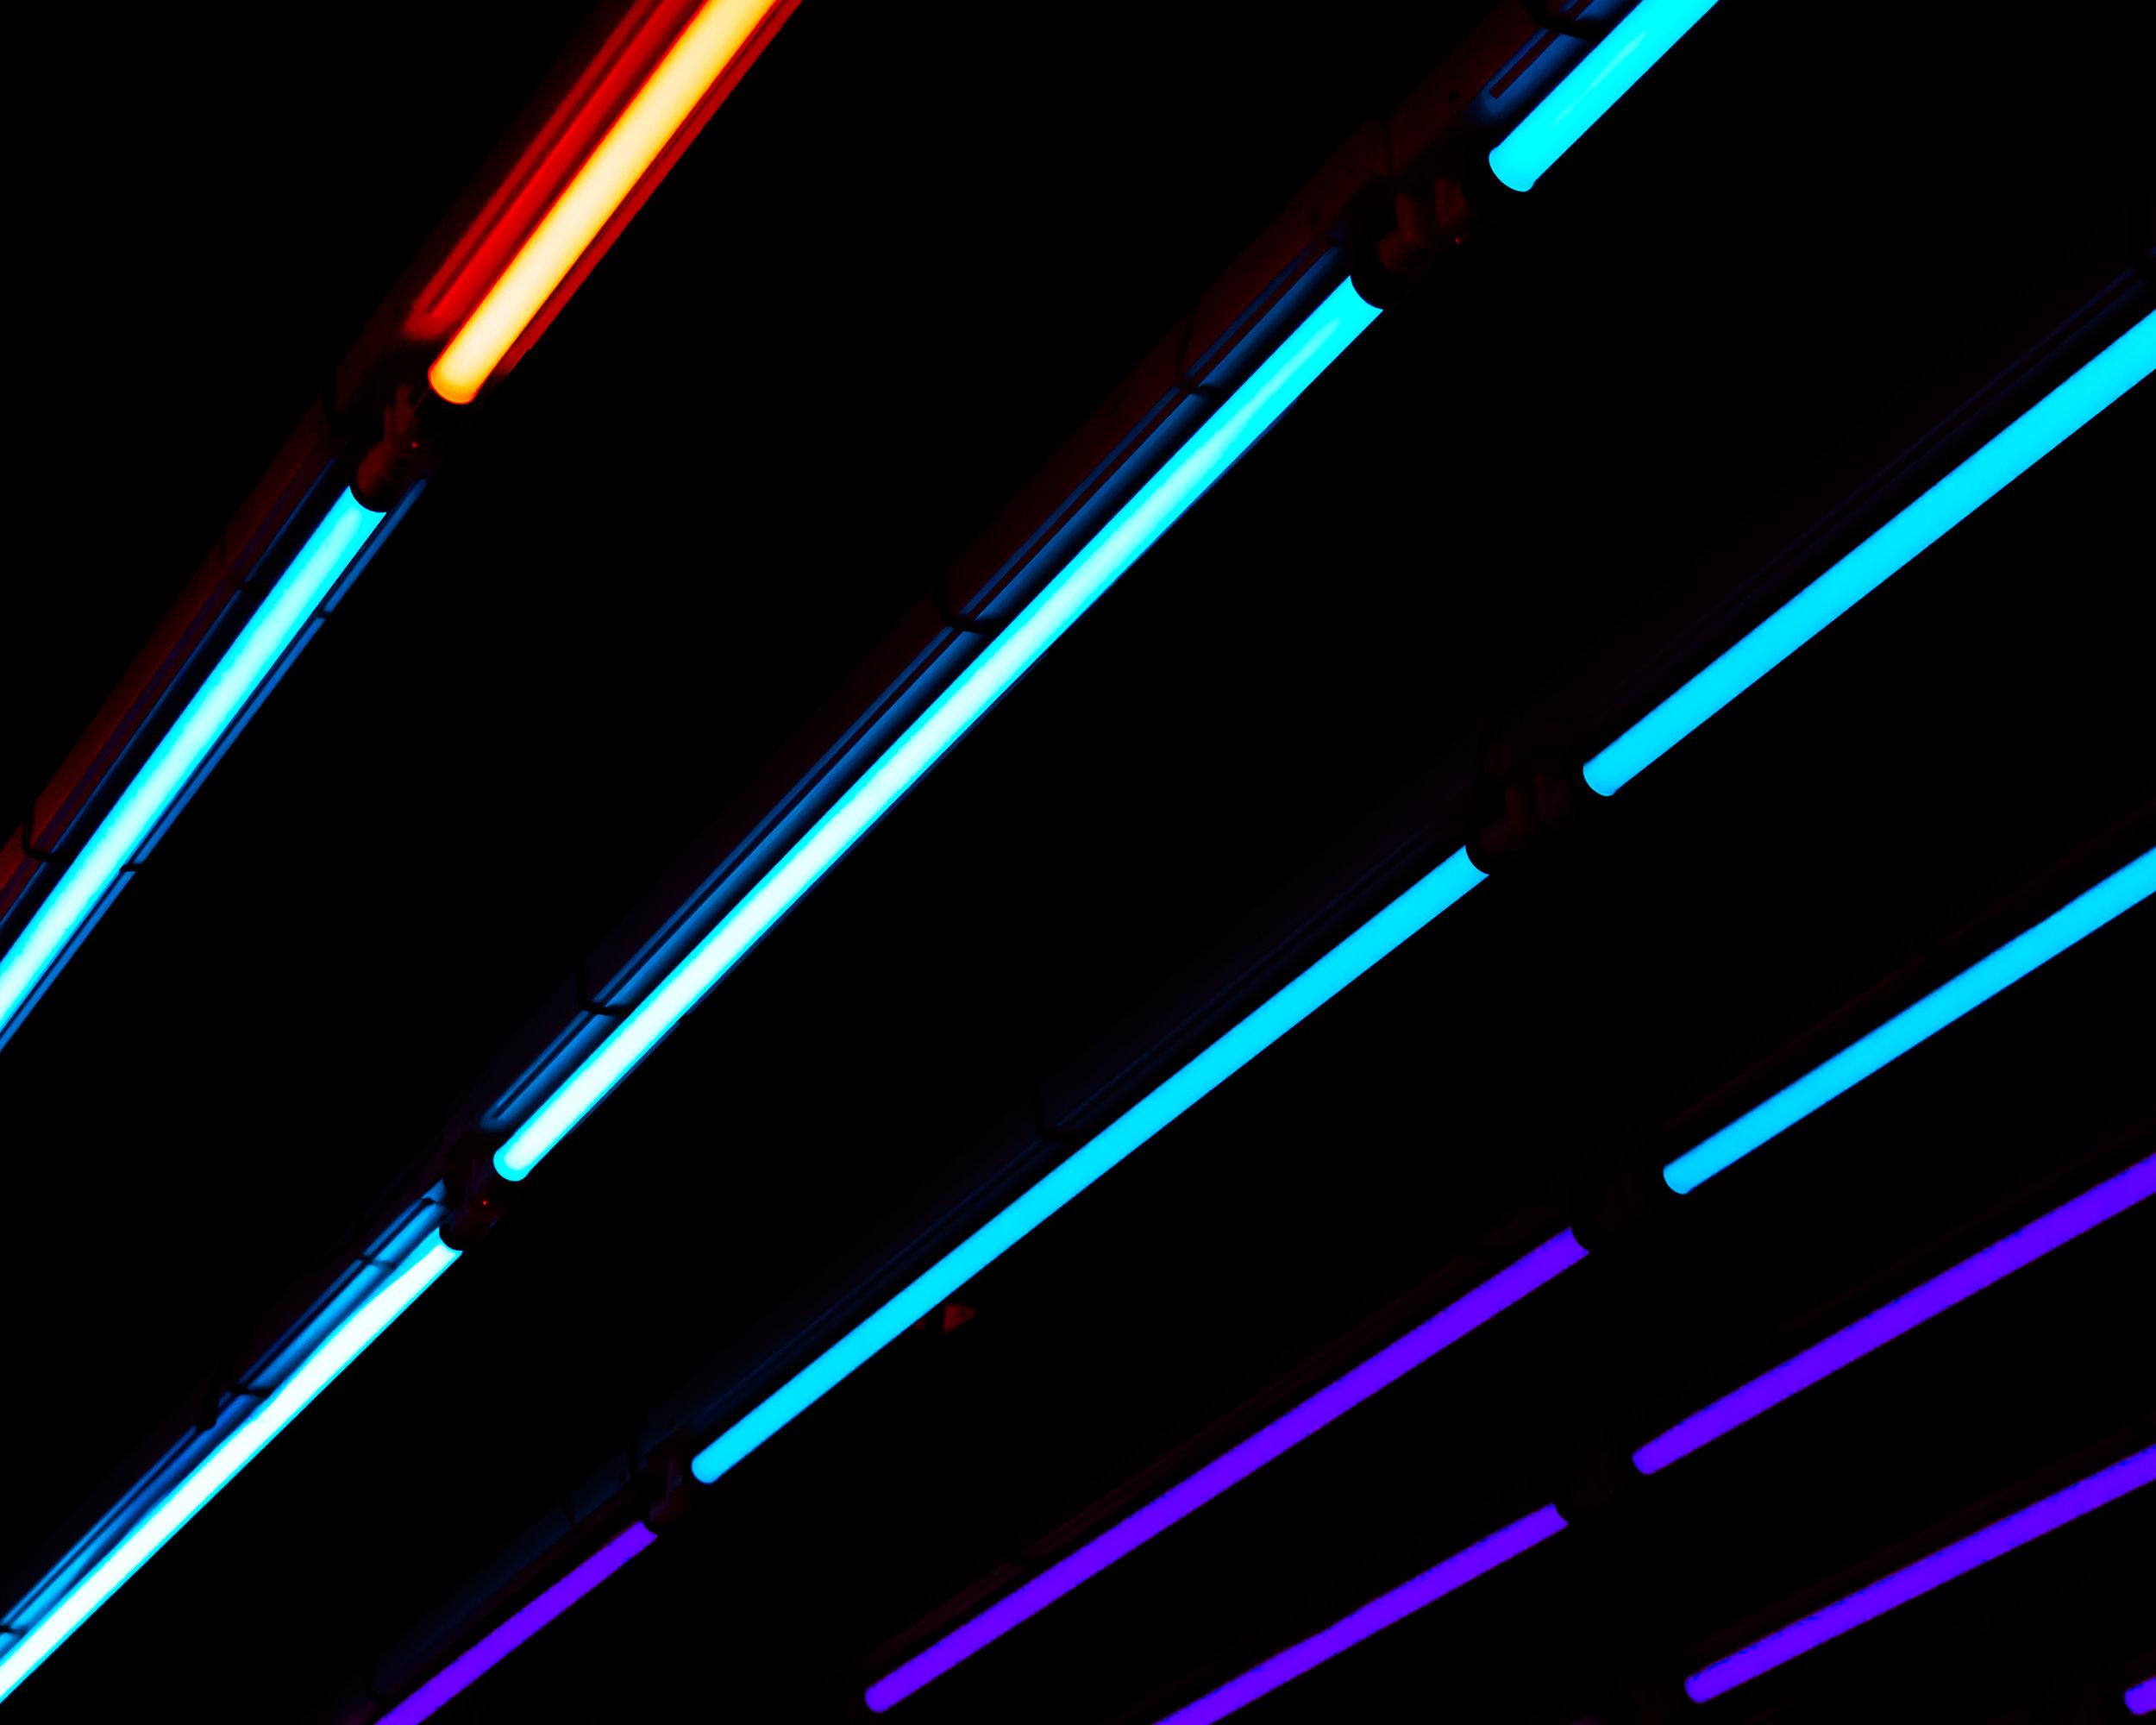 NeonLight1.0.jpg